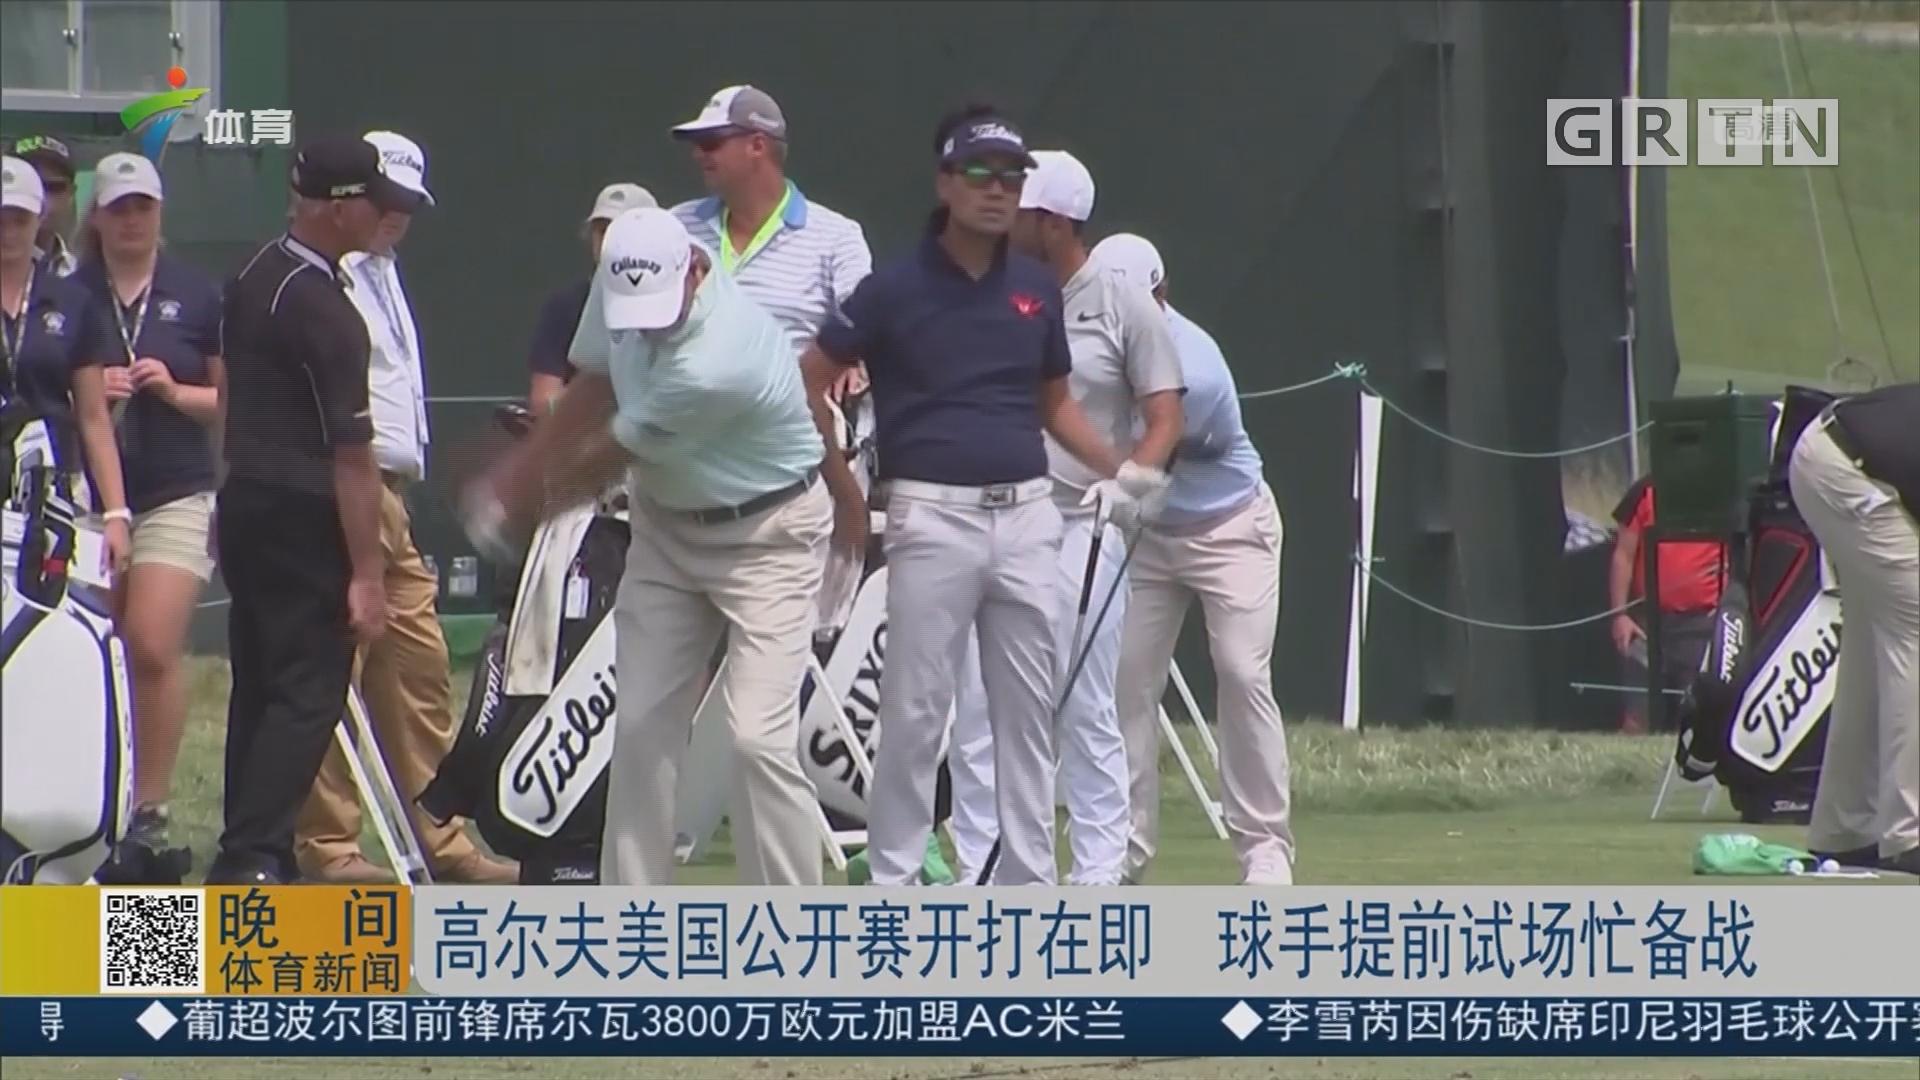 高尔夫美国公开赛开打在即 球手提前试场忙备战